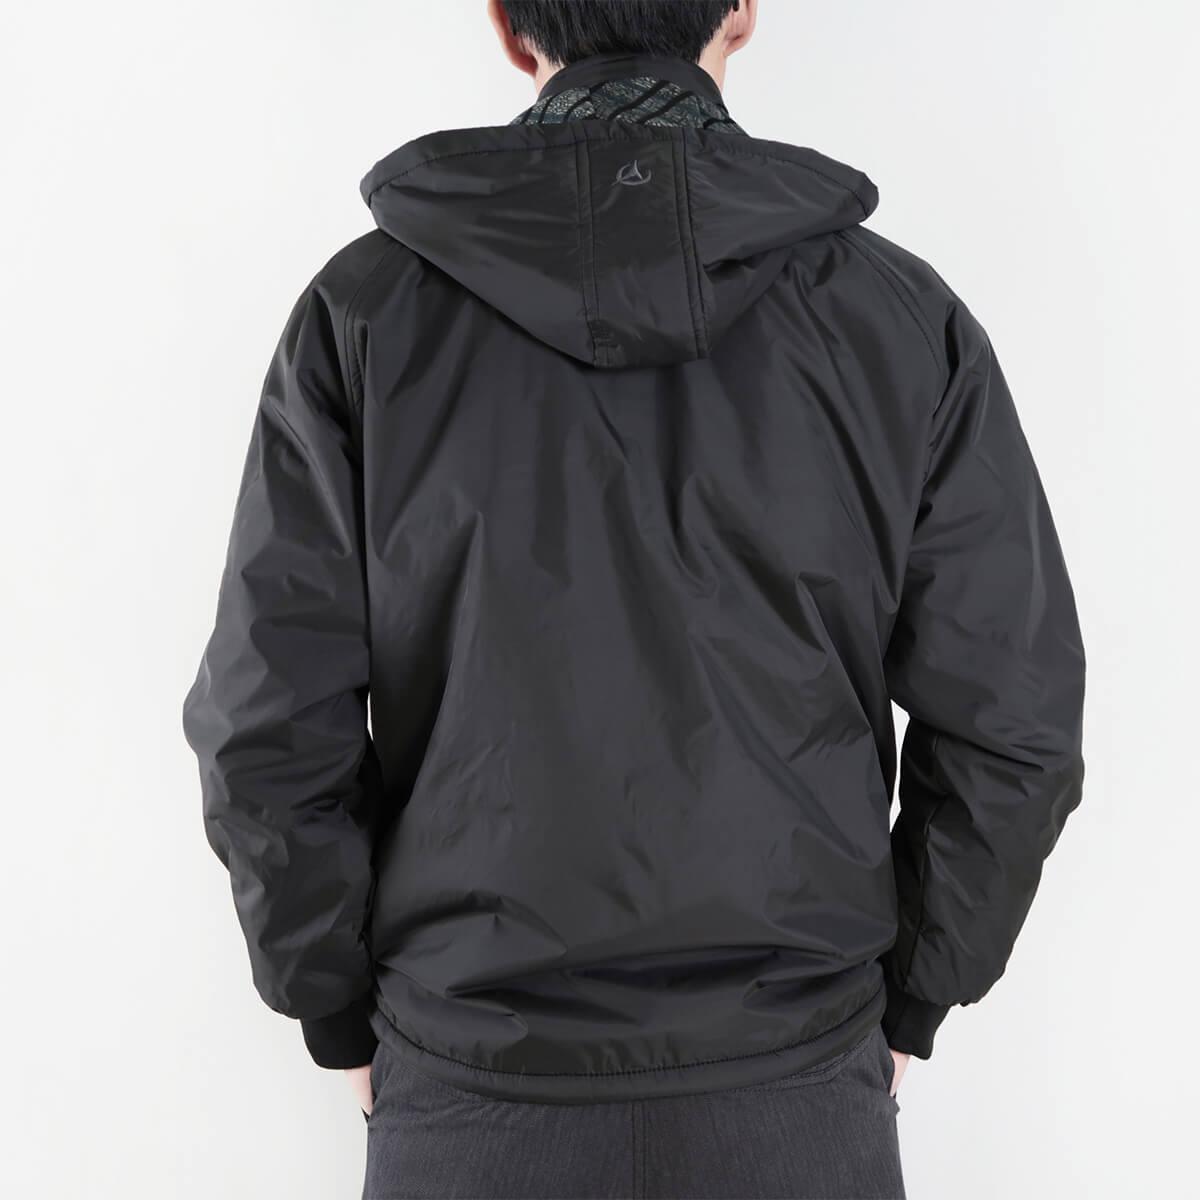 內舖絨布保暖風衣外套 保暖外套 騎士外套 夾克外套 防風外套 黑色外套 FLANNEL LINED WINDBREAKER JACKETS (312-6077-21)黑色 L XL 2L(胸圍46~51英吋) [實體店面保障] sun-e 5